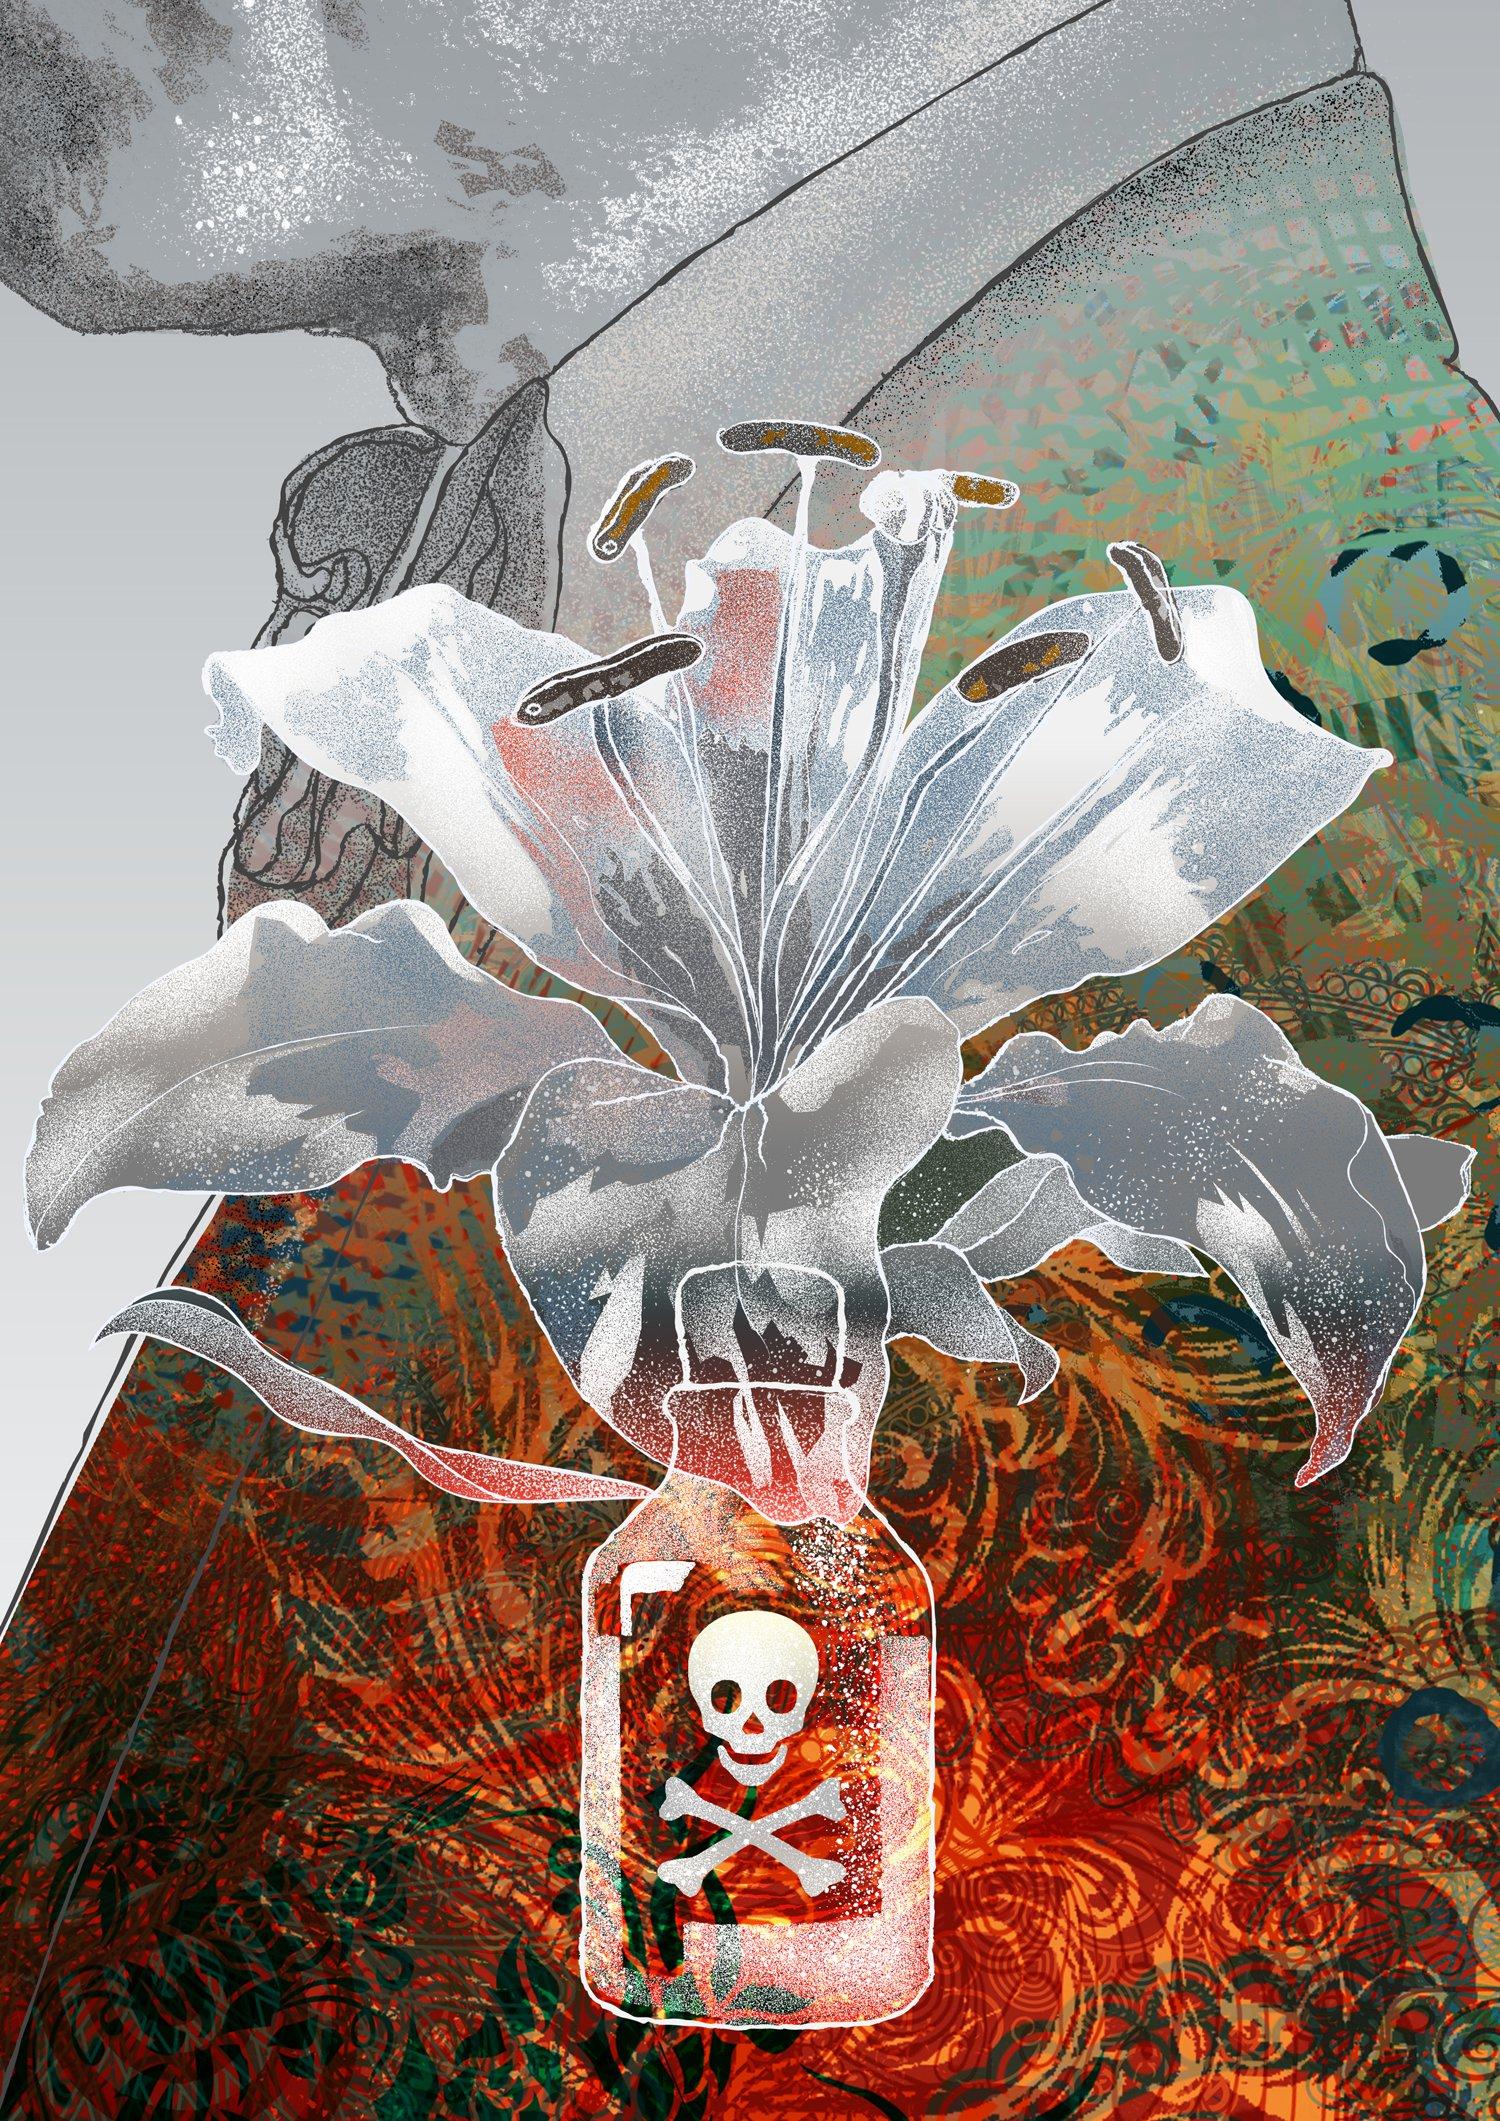 phantom-thread-poster-art-detail-2